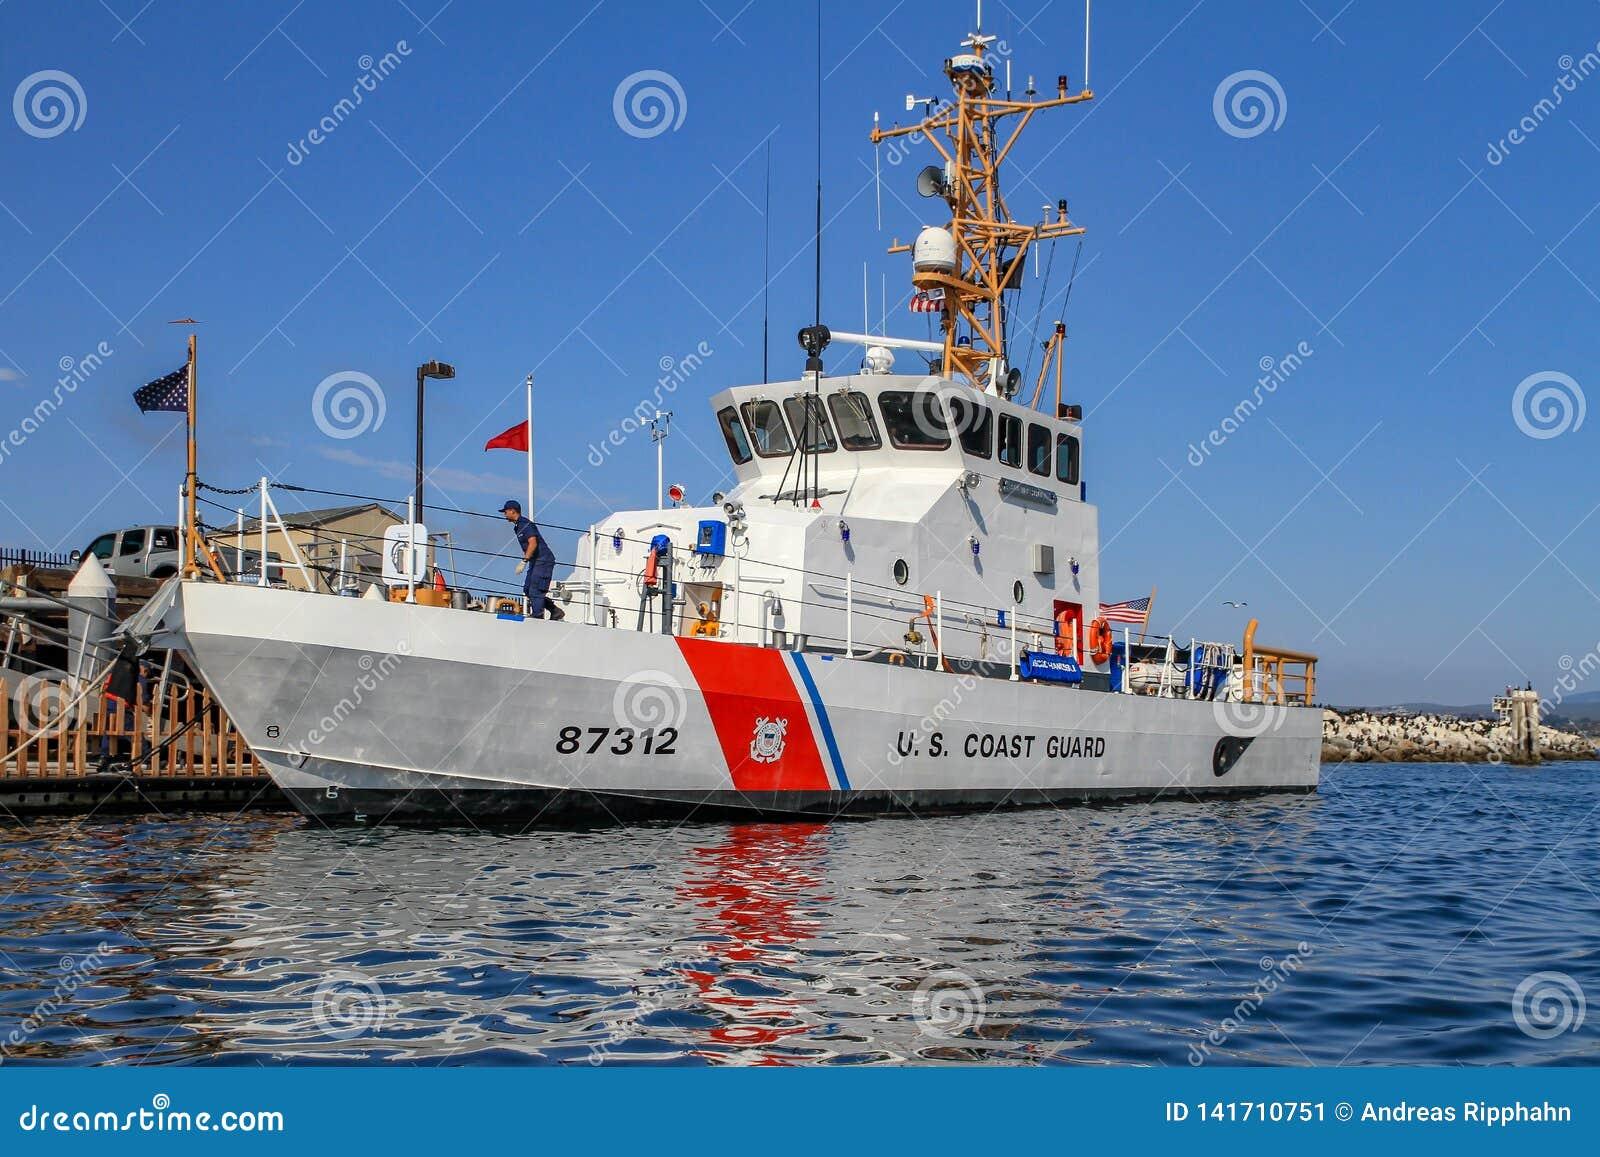 Bateau de la garde côtière des USA amarré au quai